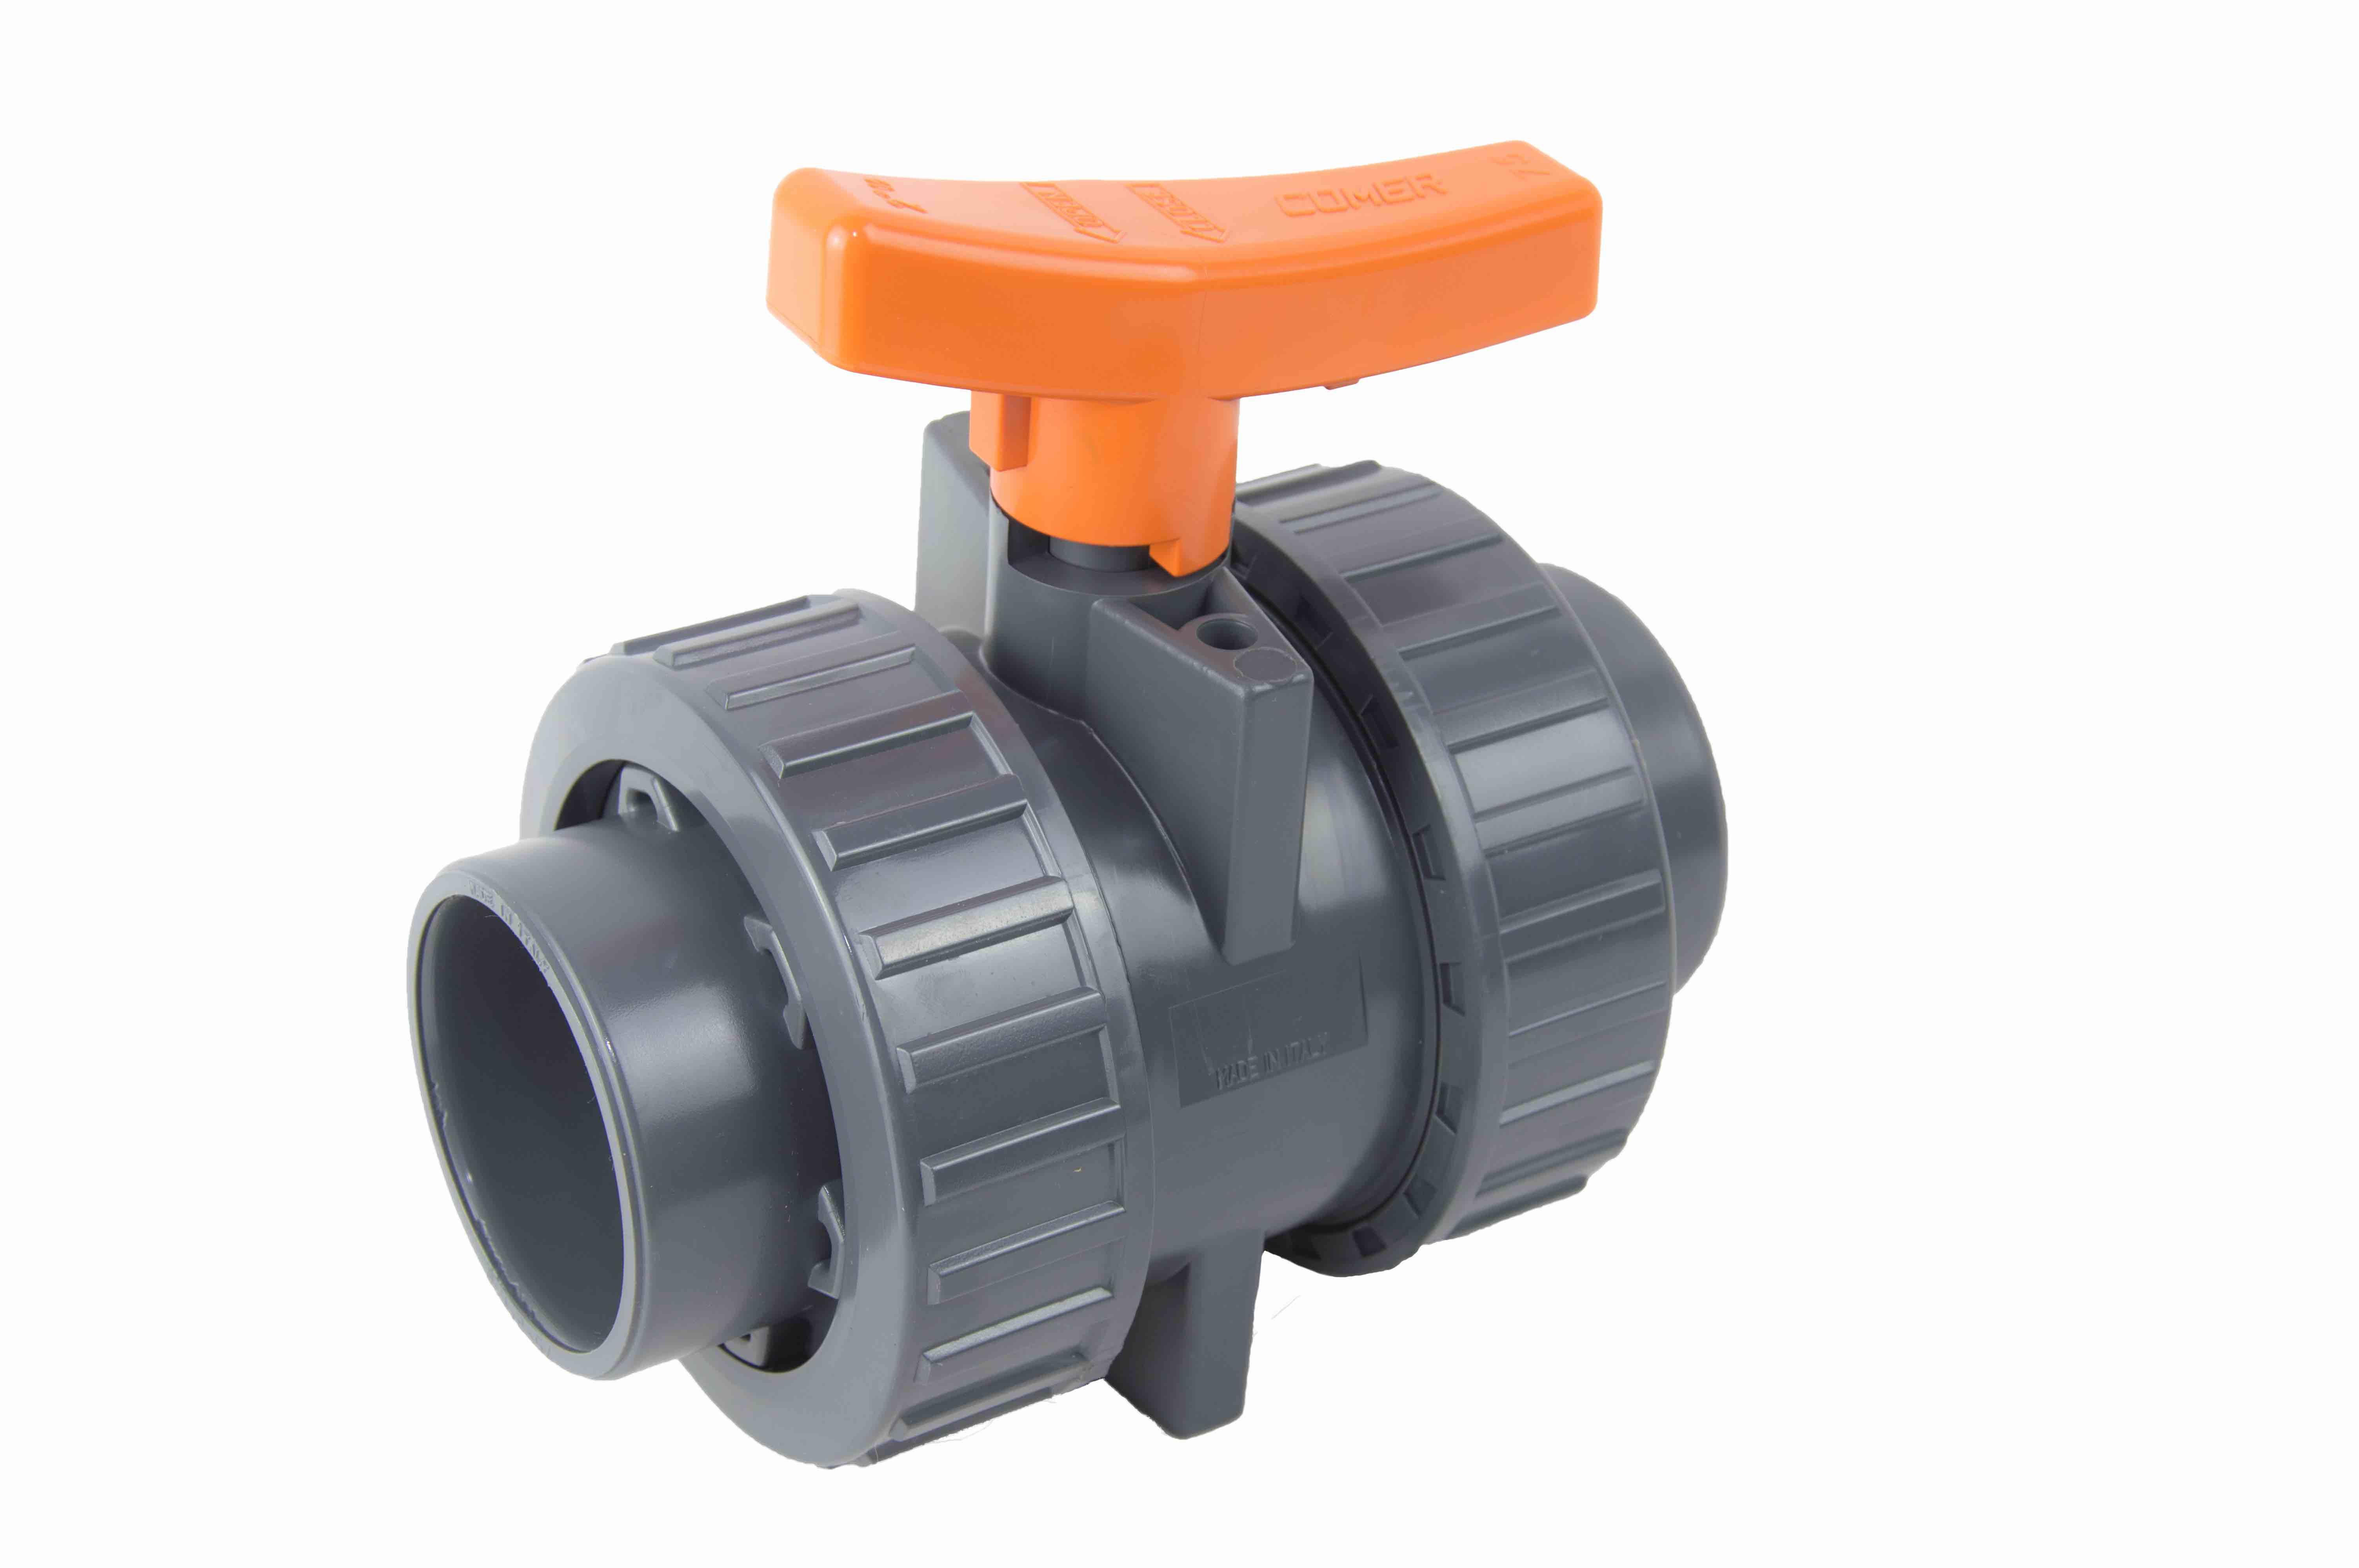 BVI10-industrial-ball-valve-COMER-S.p.A. BVI10 - Valvola a sfera industria con attacchi femmina per incollaggio